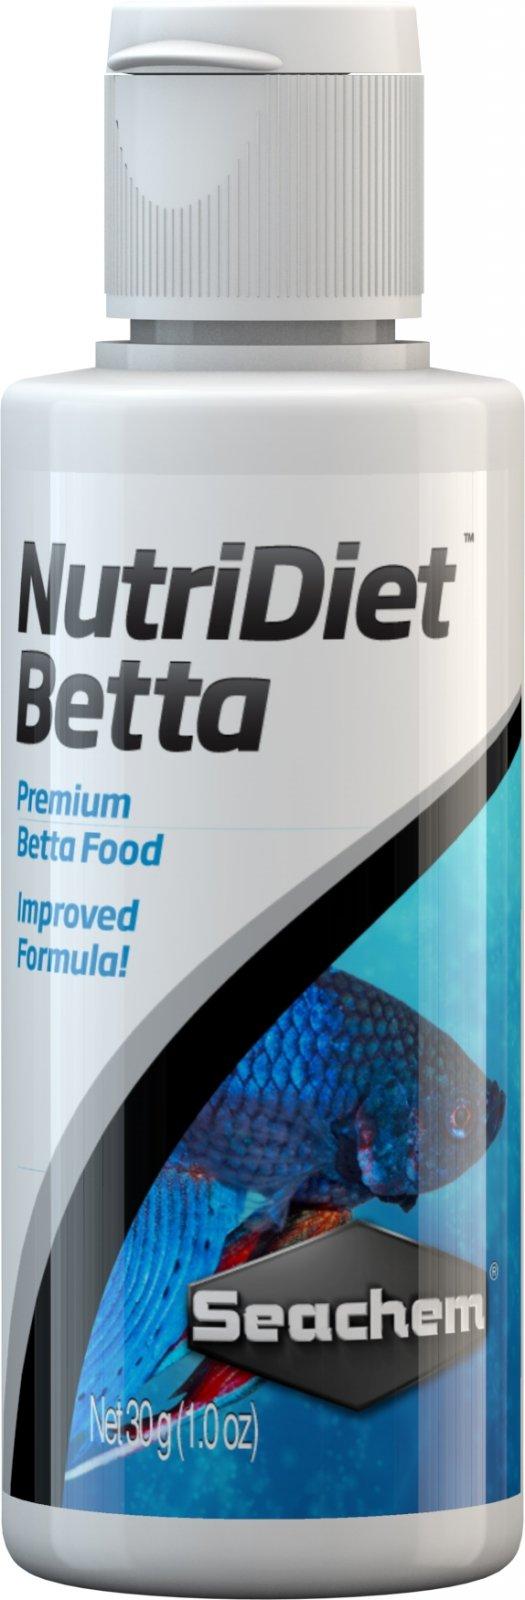 NutriDiet-Betta_30 g